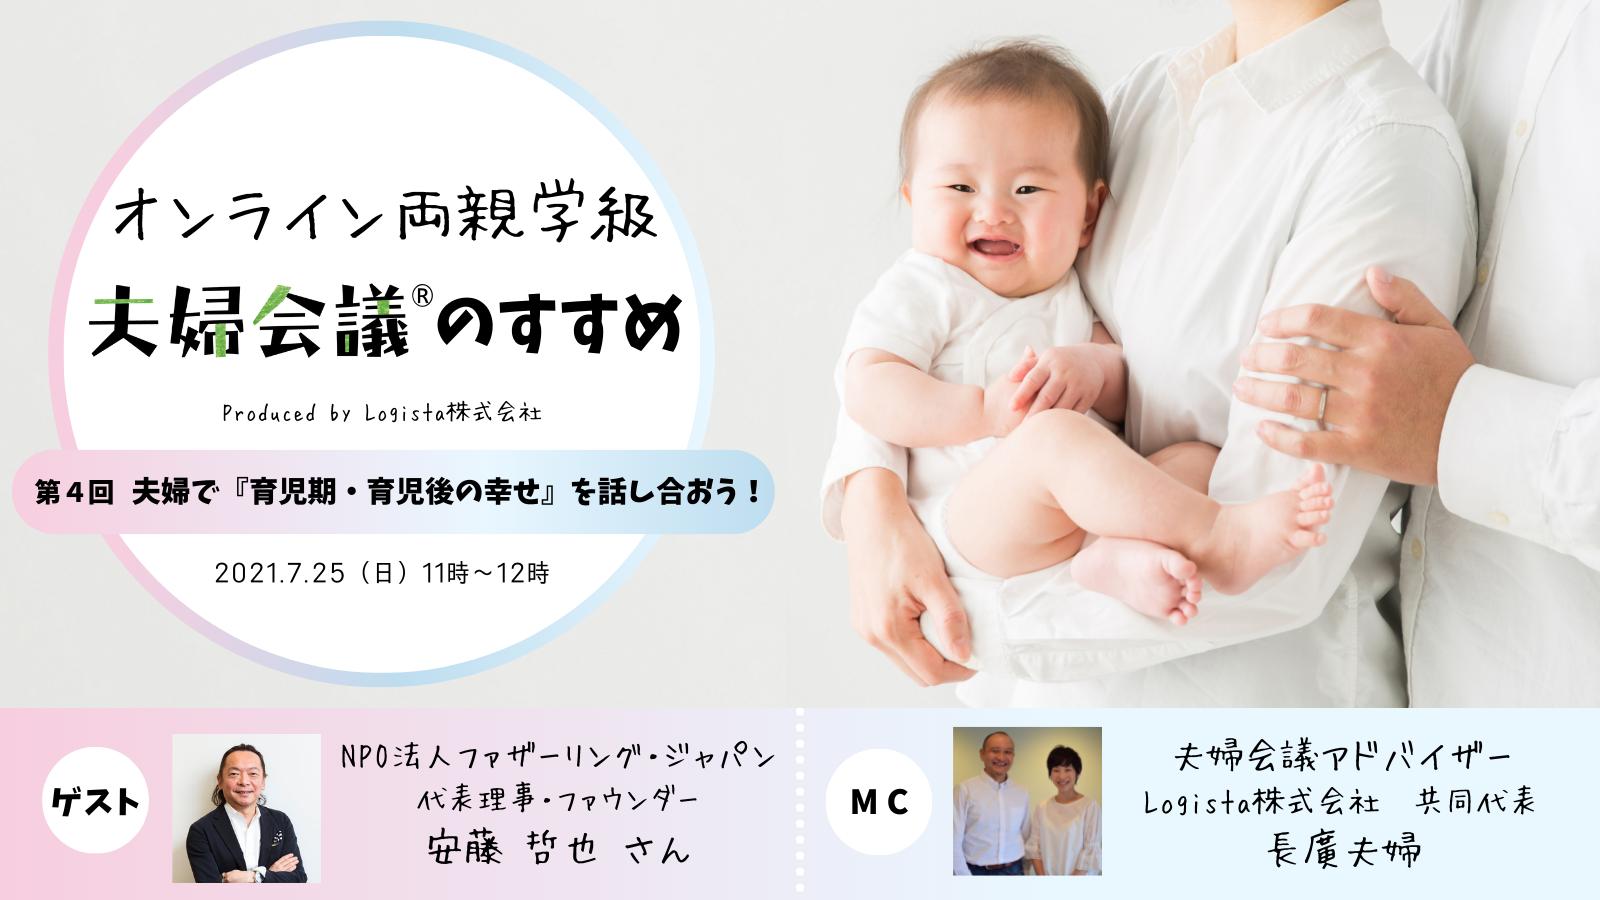 7月『夫婦会議』のイベント情報(無料枠/プレゼント企画有り!)